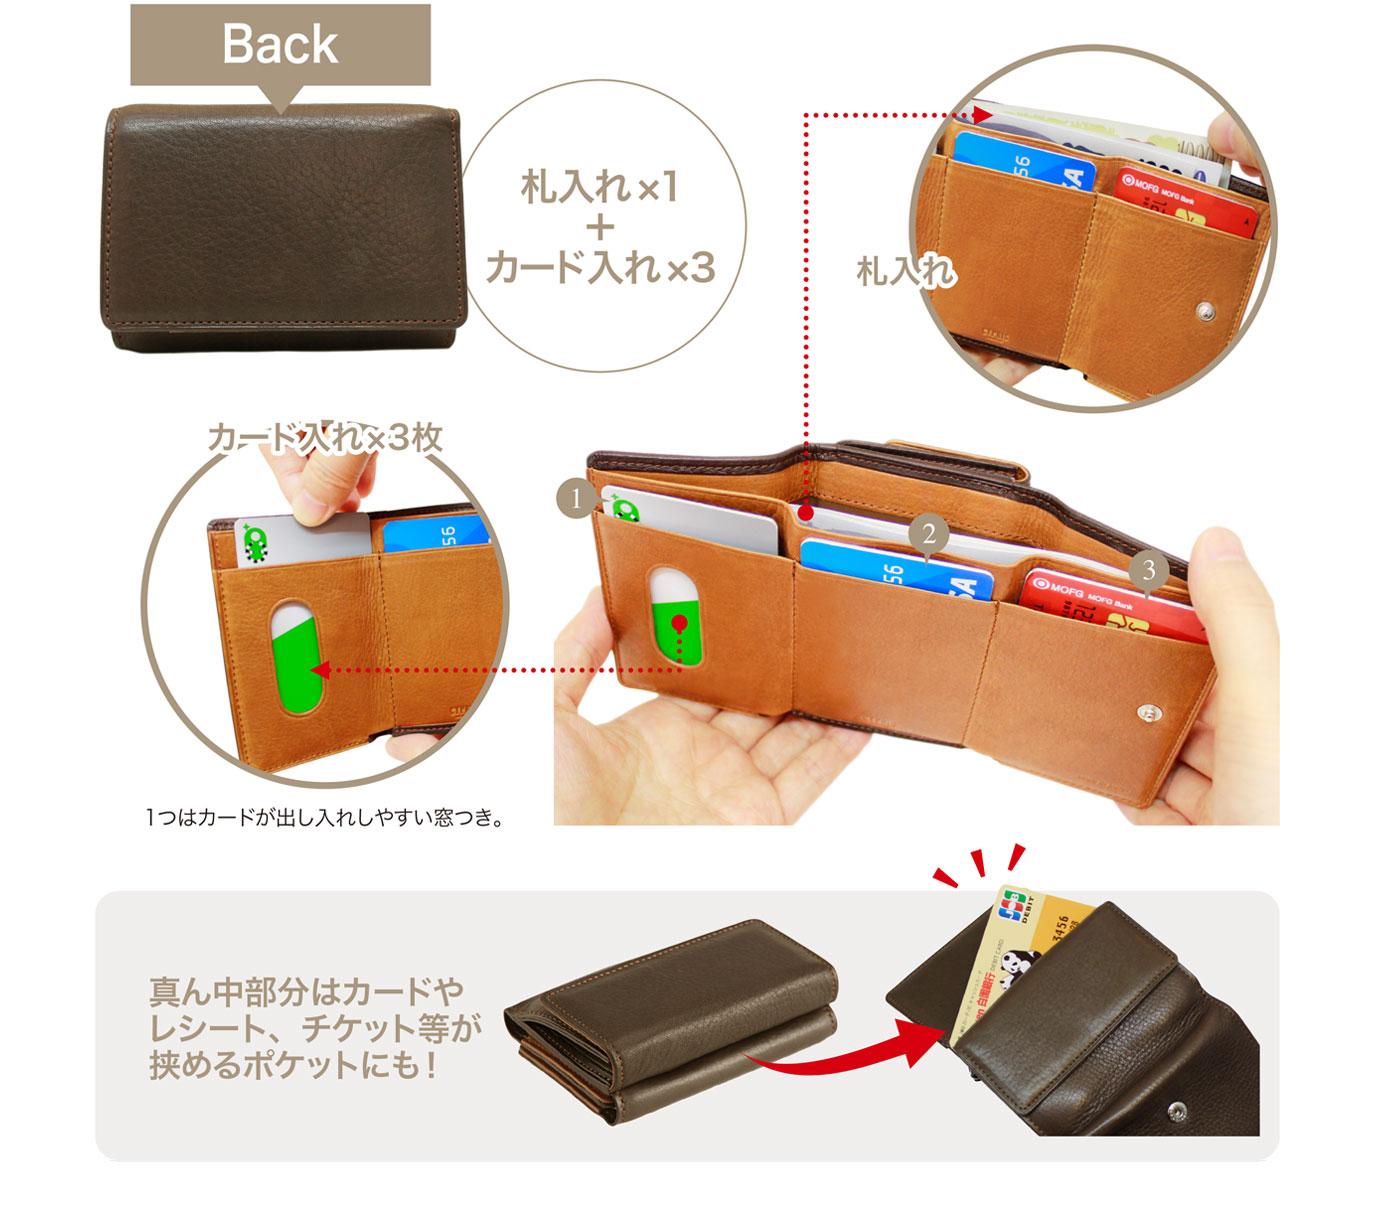 キプリス シルキーキップ三つ折り財布。バックに札入れ一か所と、カード入れ3つを完備。真ん中部分はカードやレシート、チケット等が挟めるポケットになります。